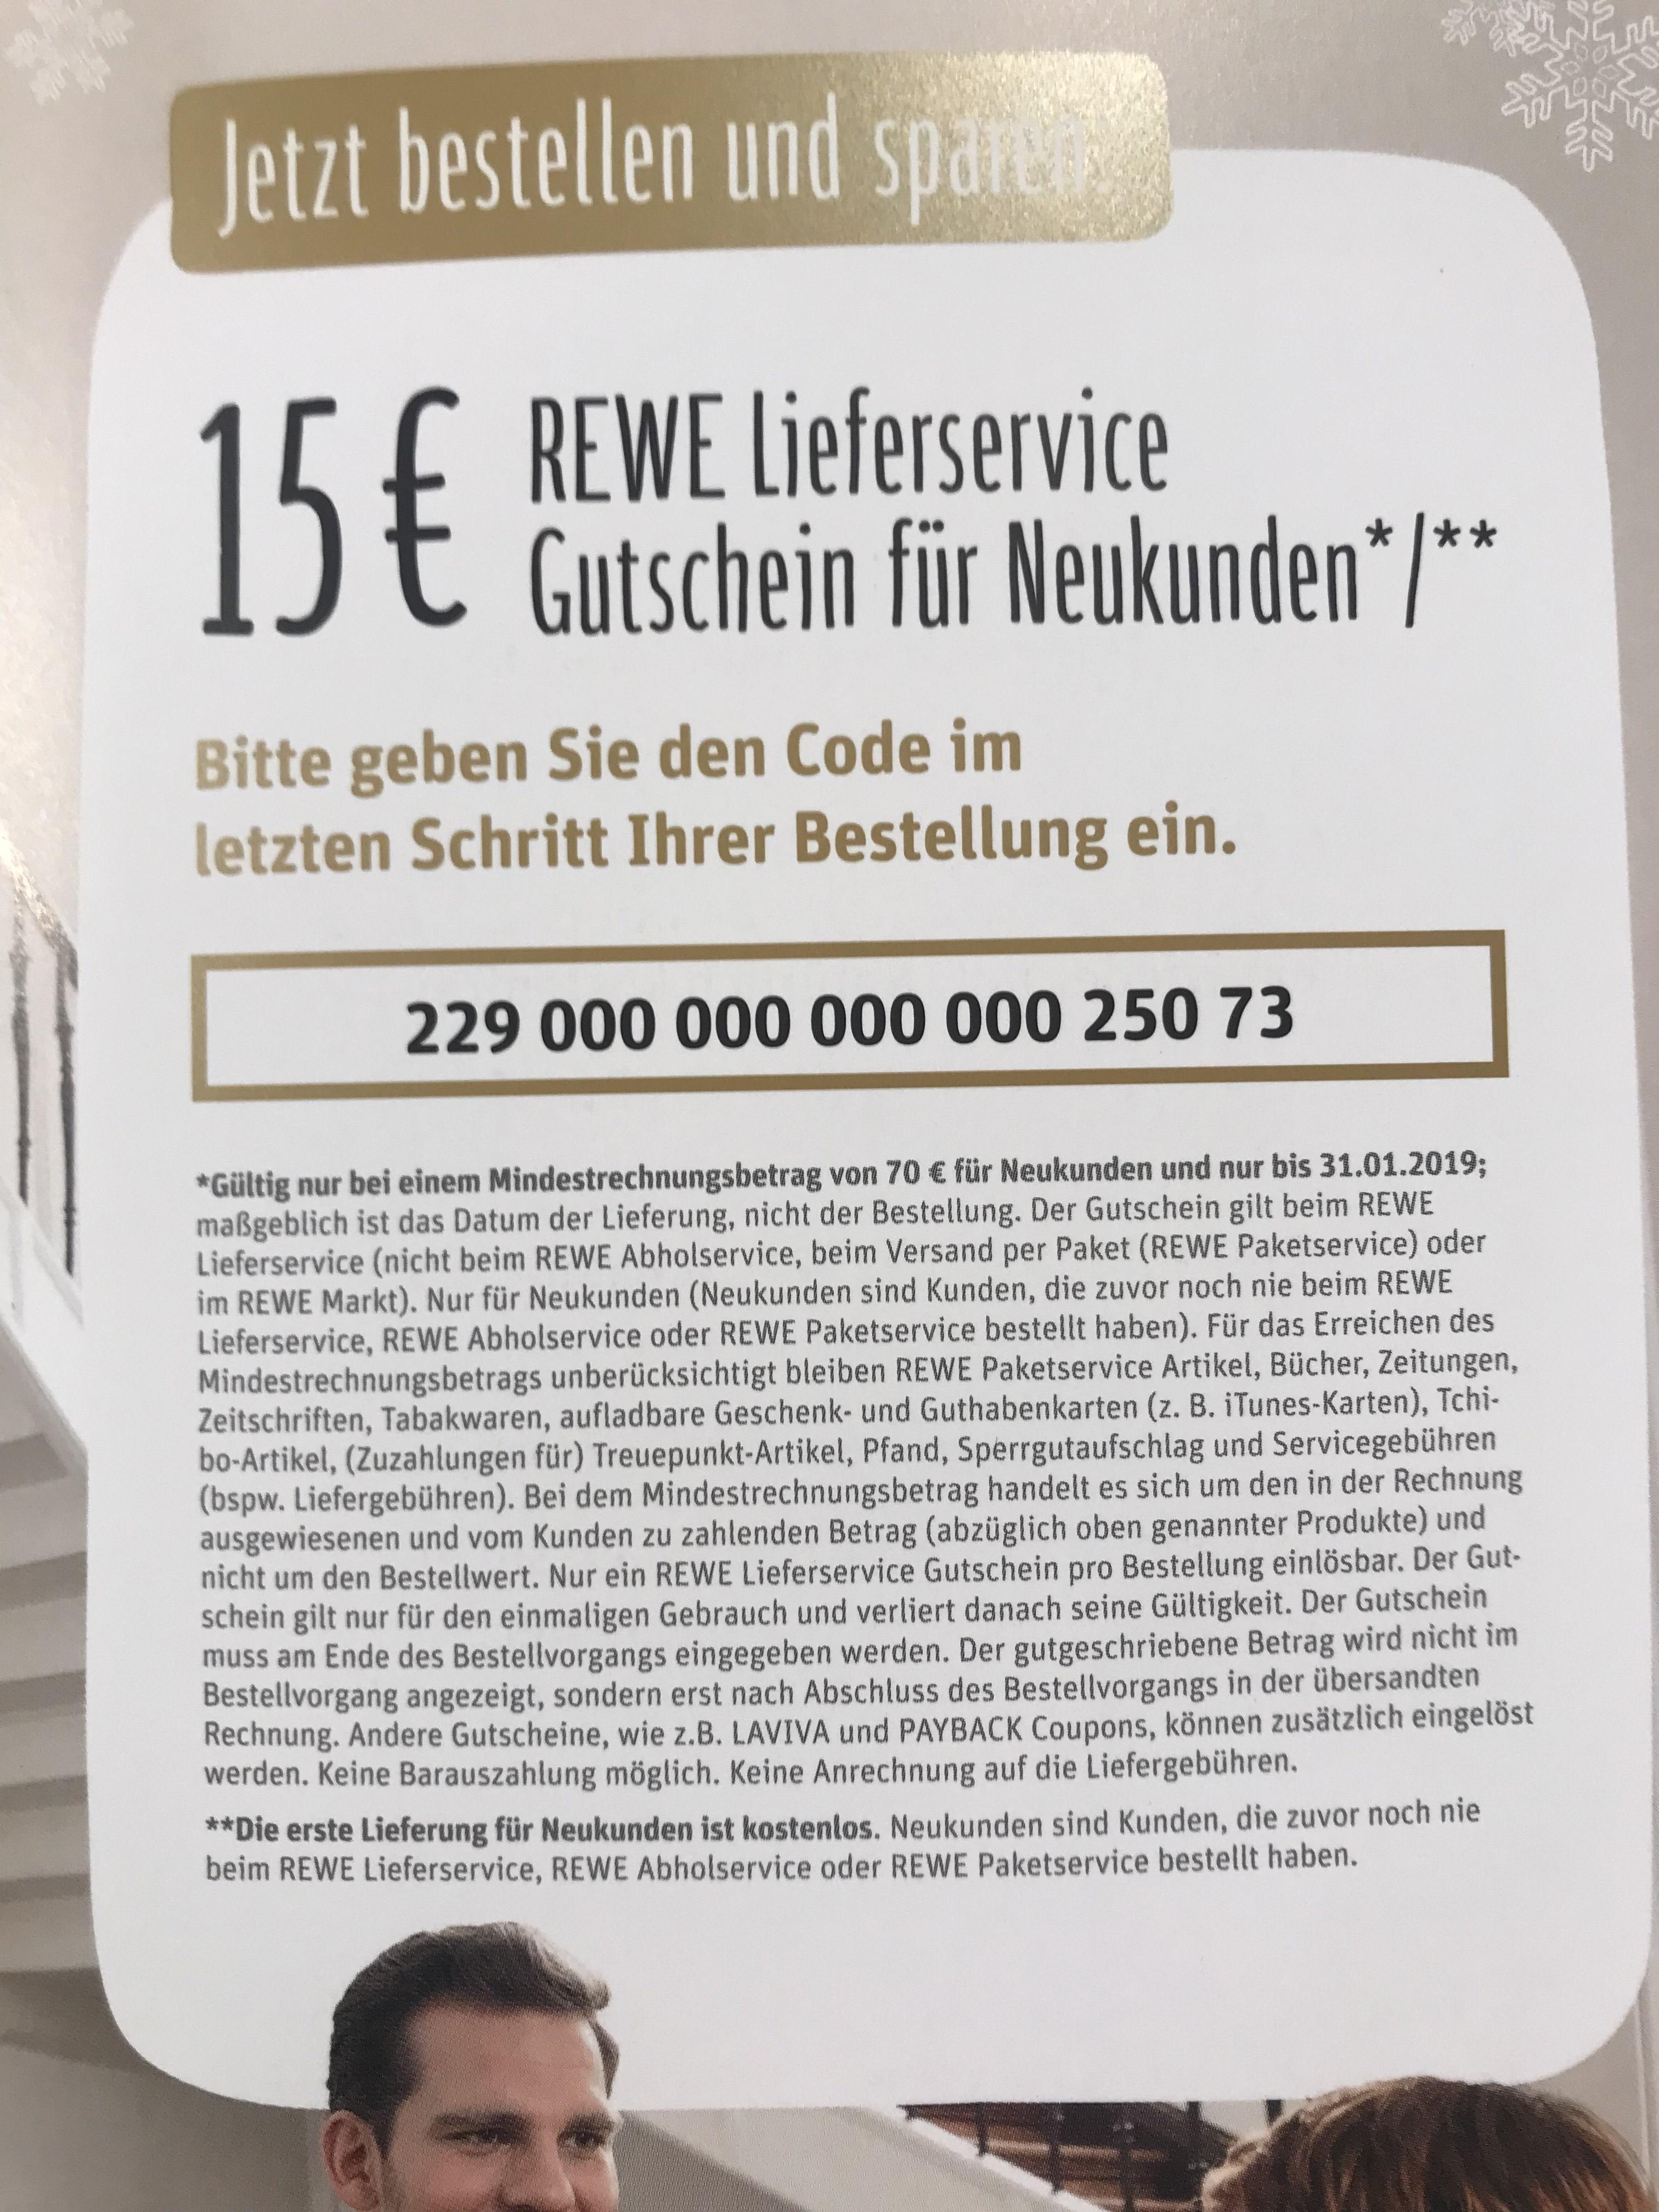 [REWE Lieferservice] 15€ Gutschein für Neukunden